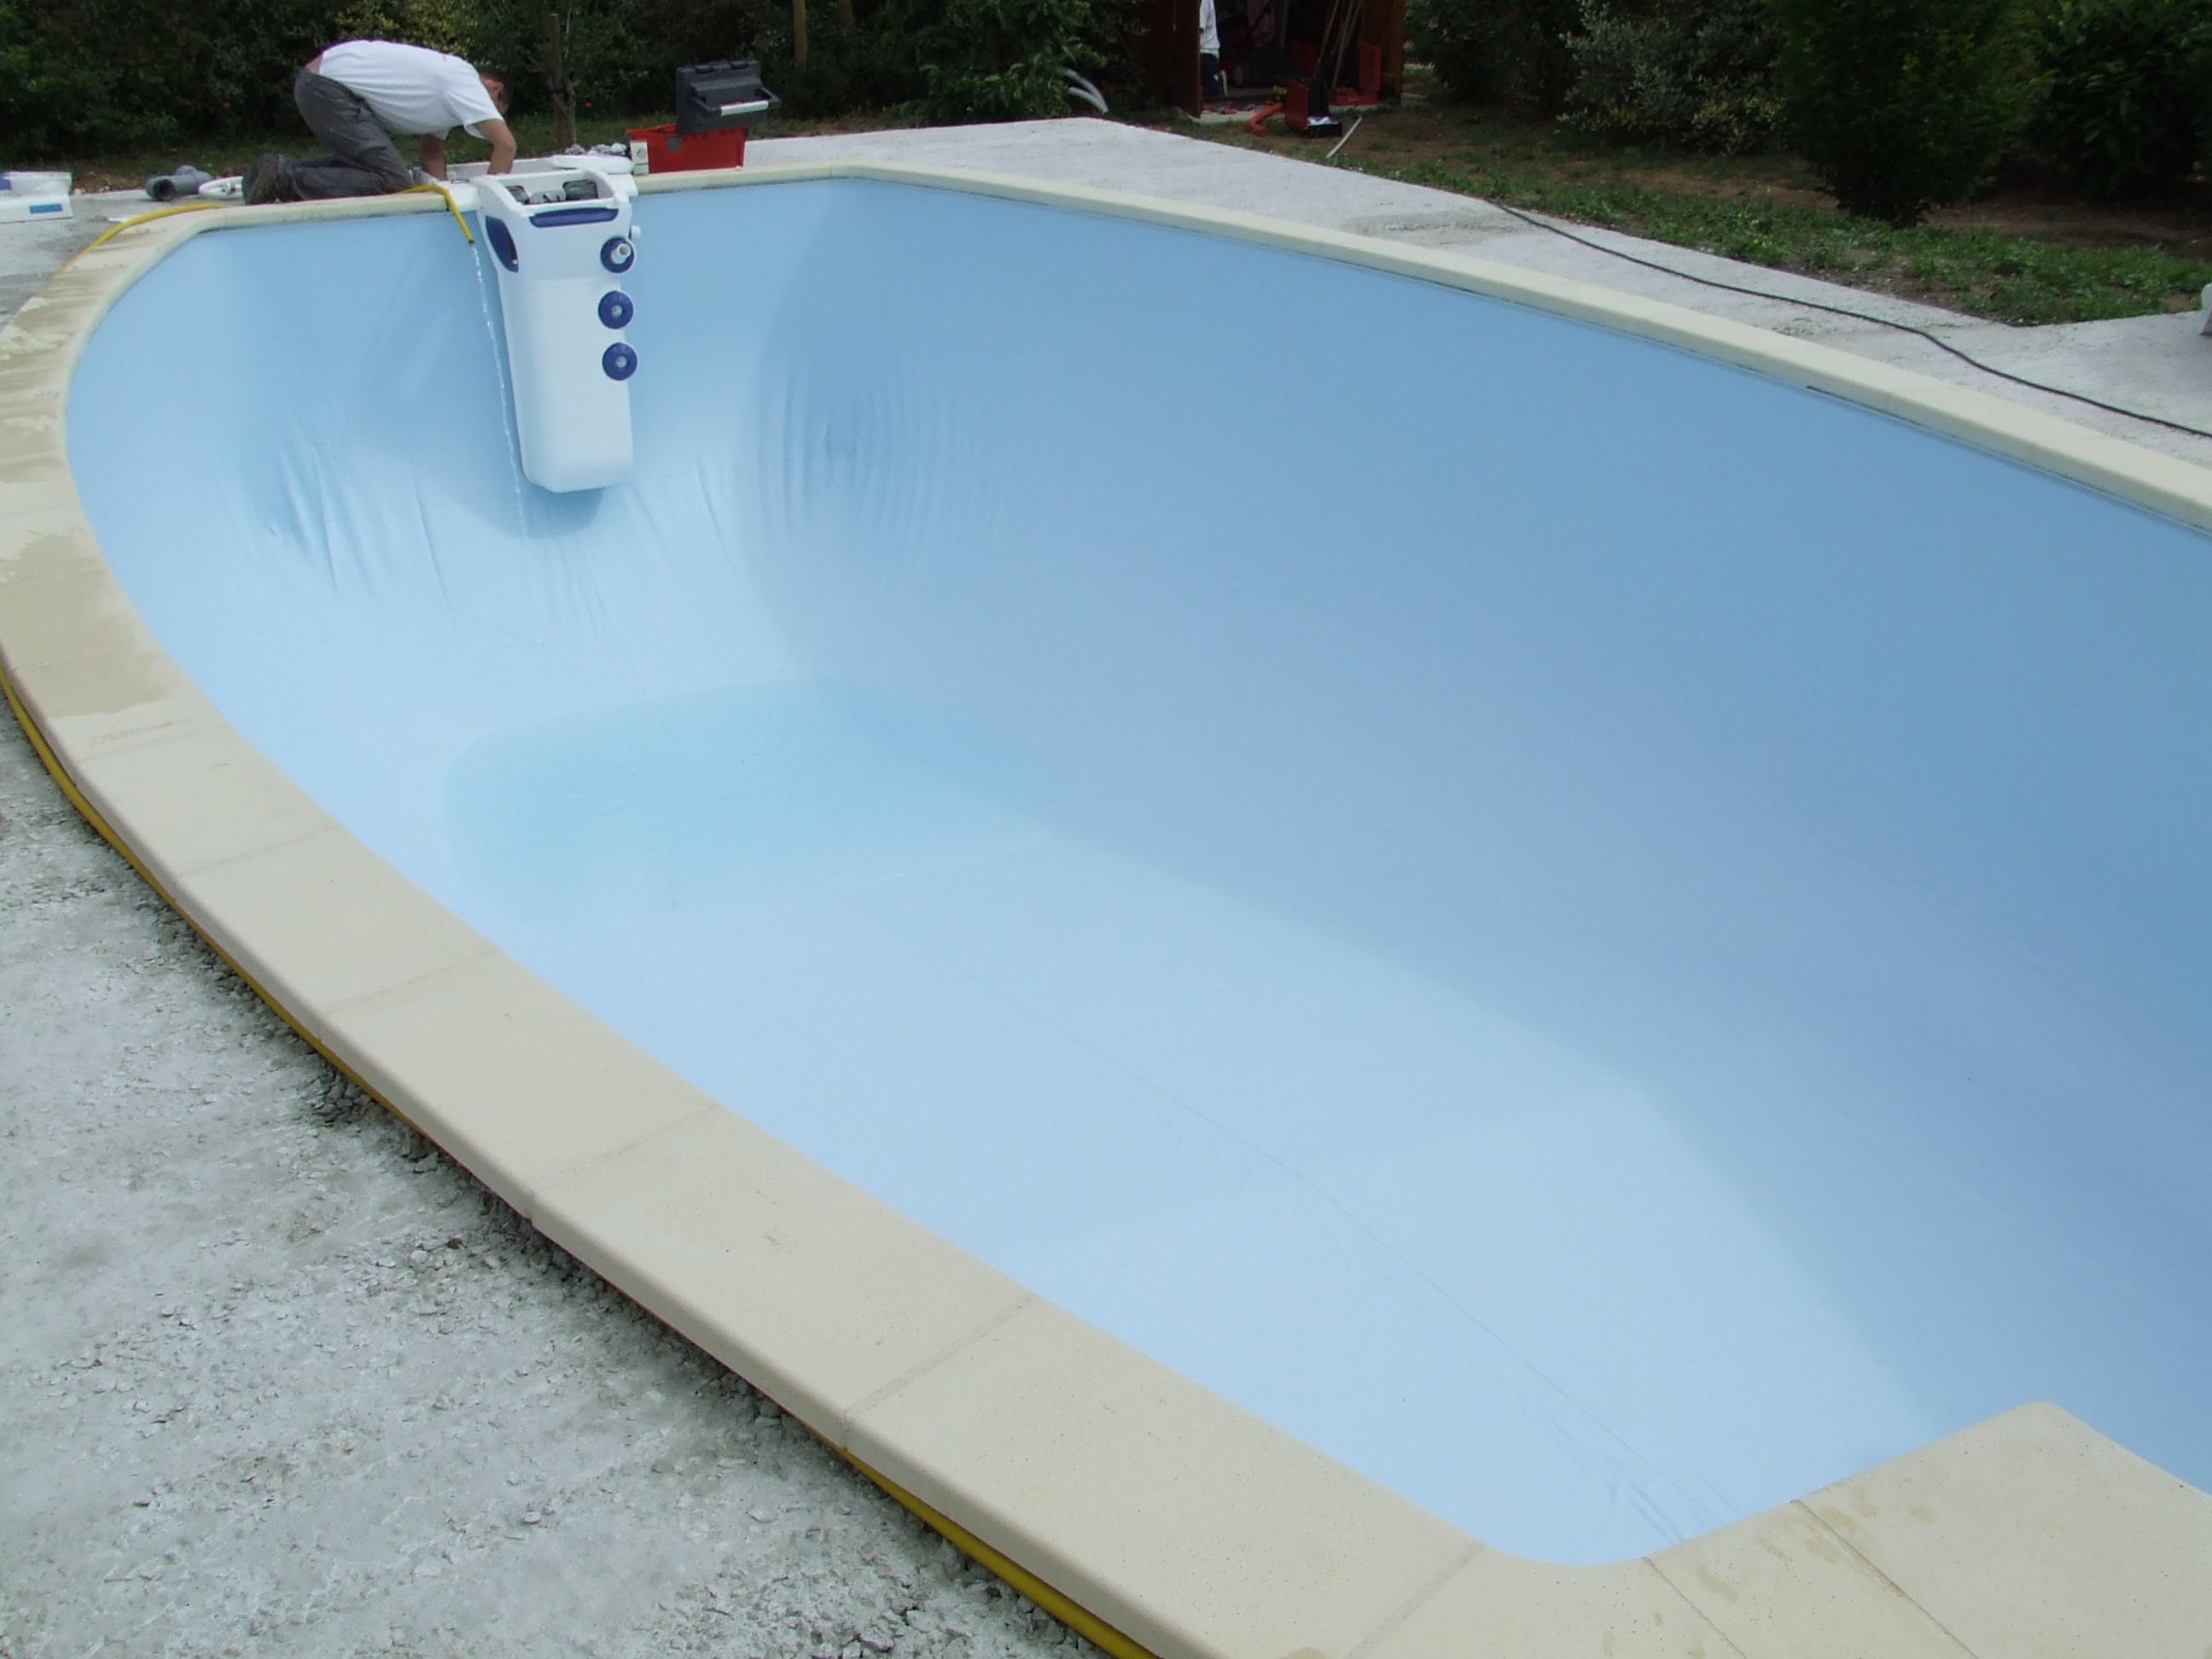 I la pose du liner une piscine desjoyaux chez soi for Pose de liner de piscine